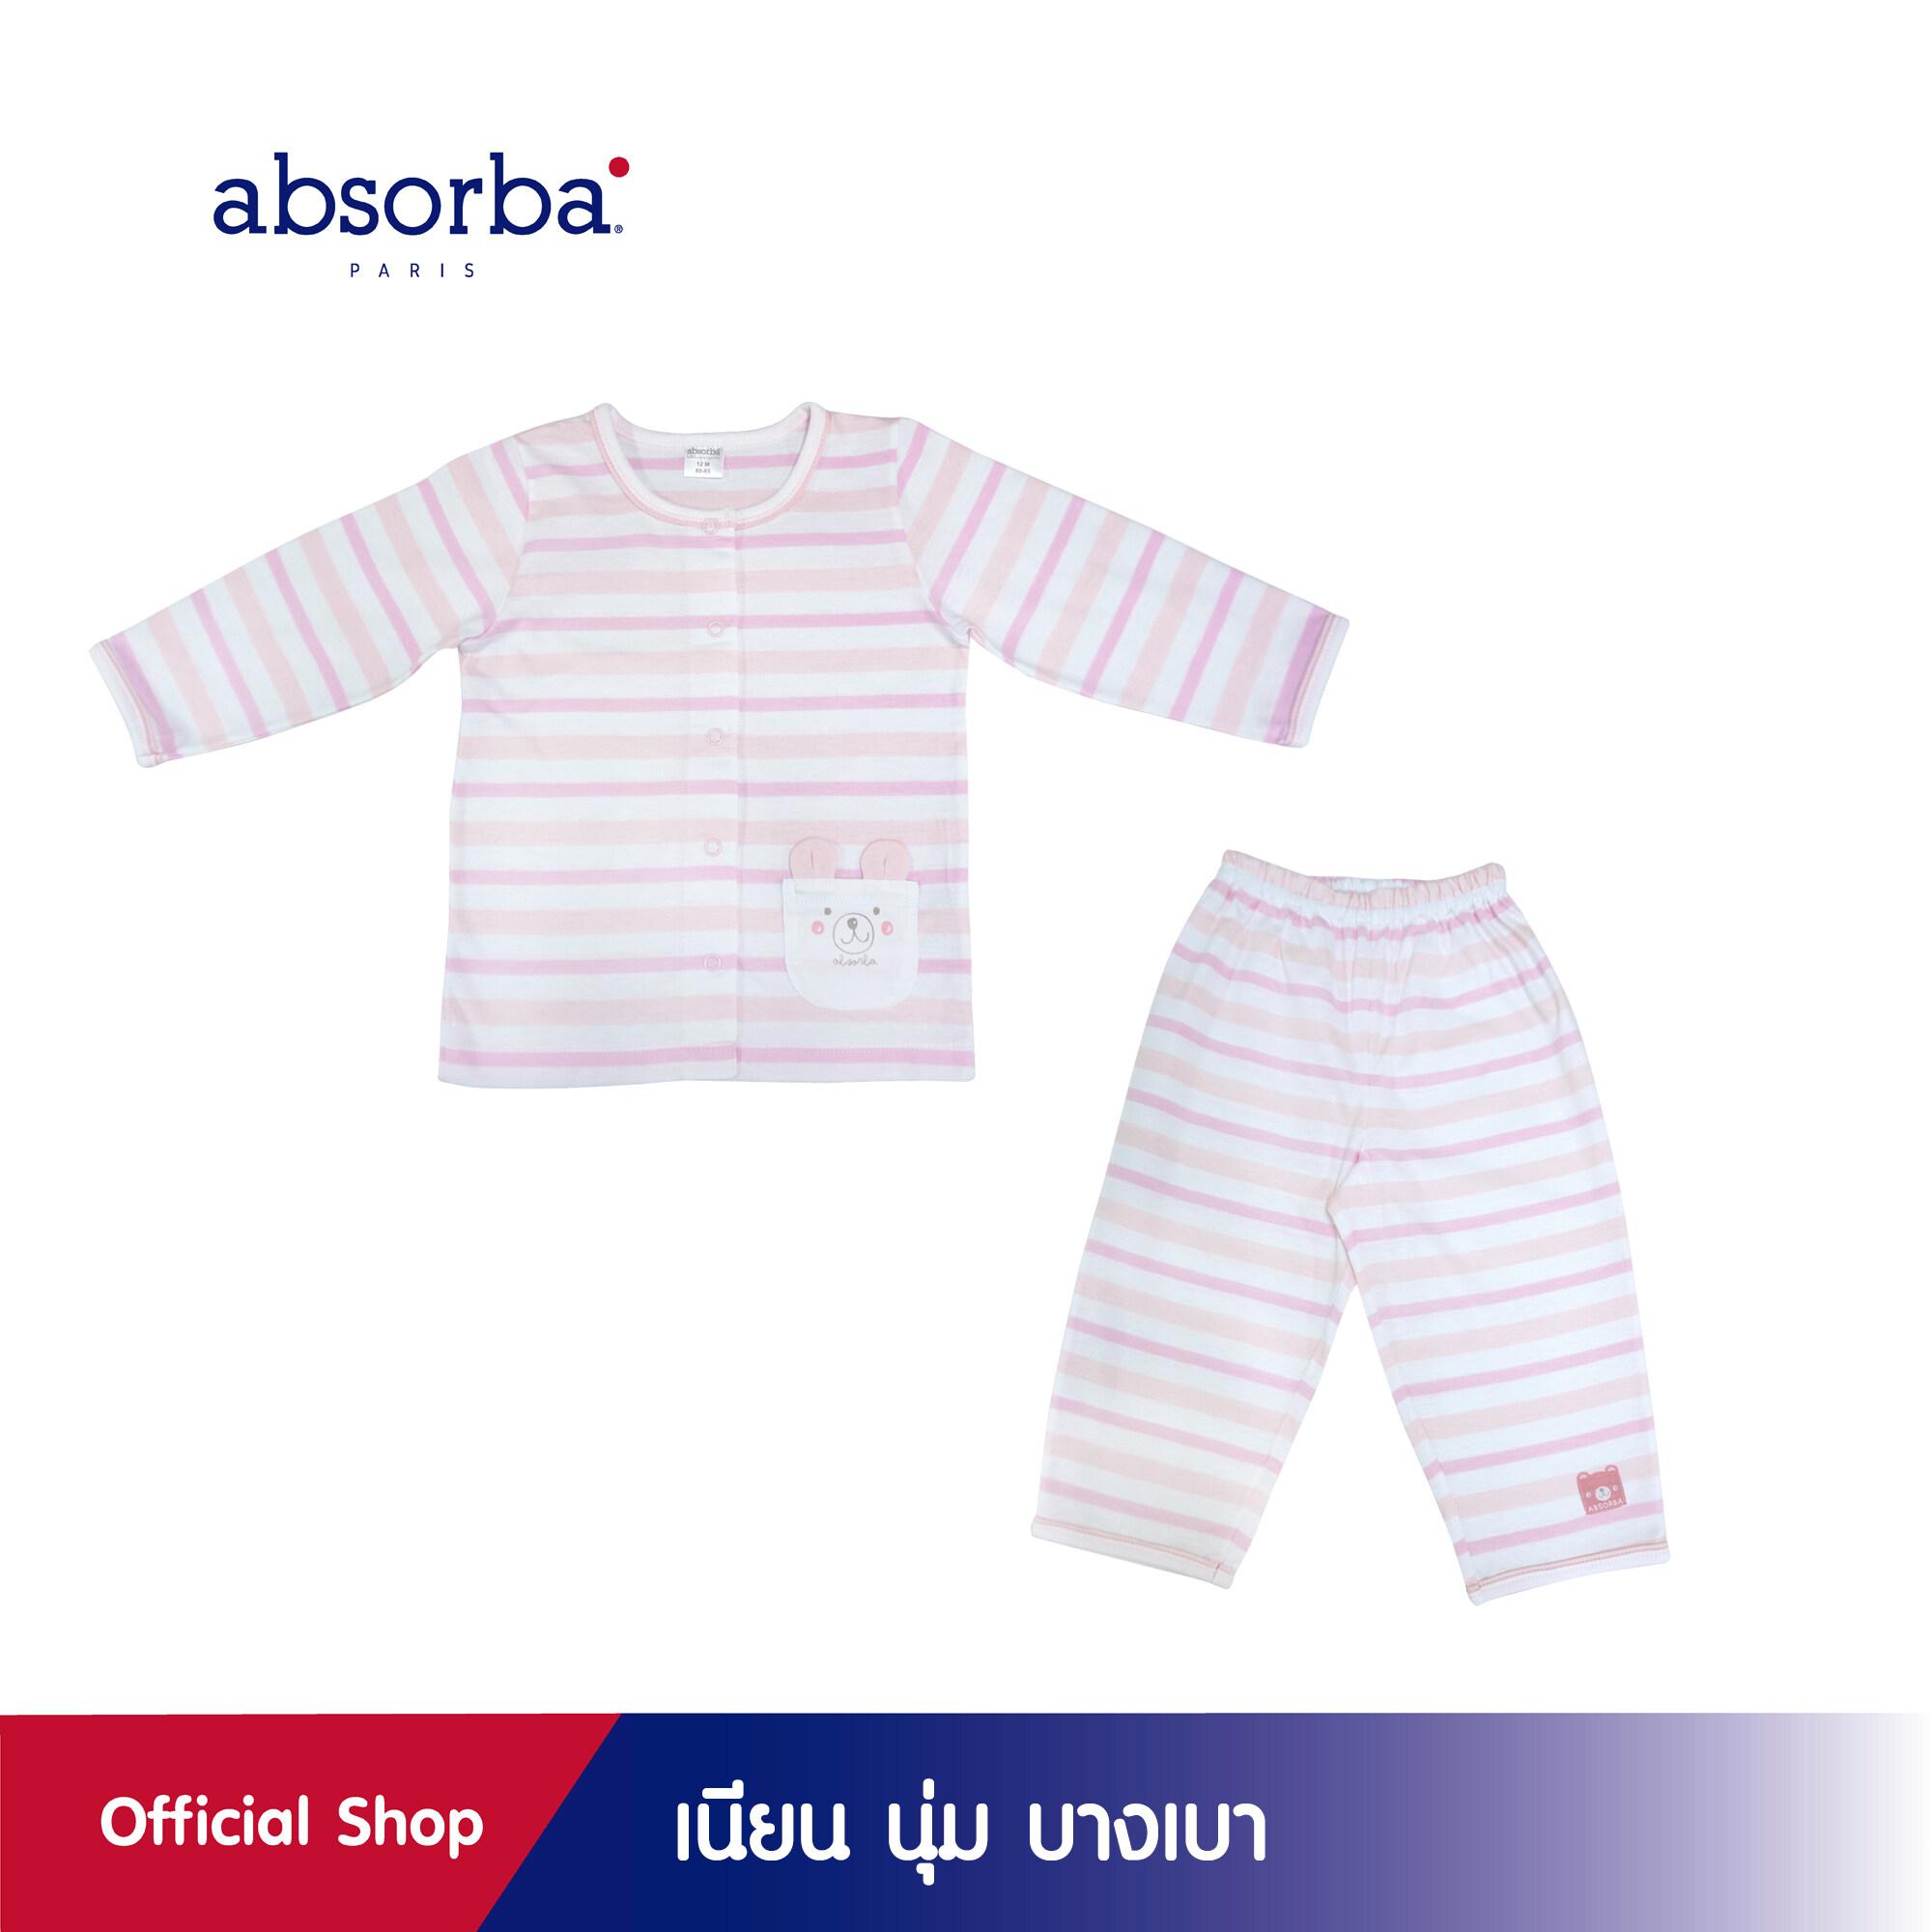 รีวิว absorba (แอ๊บซอร์บา) ชุดนอนเด็กหญิง กระดุมหน้า แขนยาว ลายริ้วสีชมพู คอลเลคชั่น DOU DOU สำหรับเด็กอายุ 6 เดือน - 2 ปี-R1R7002PI